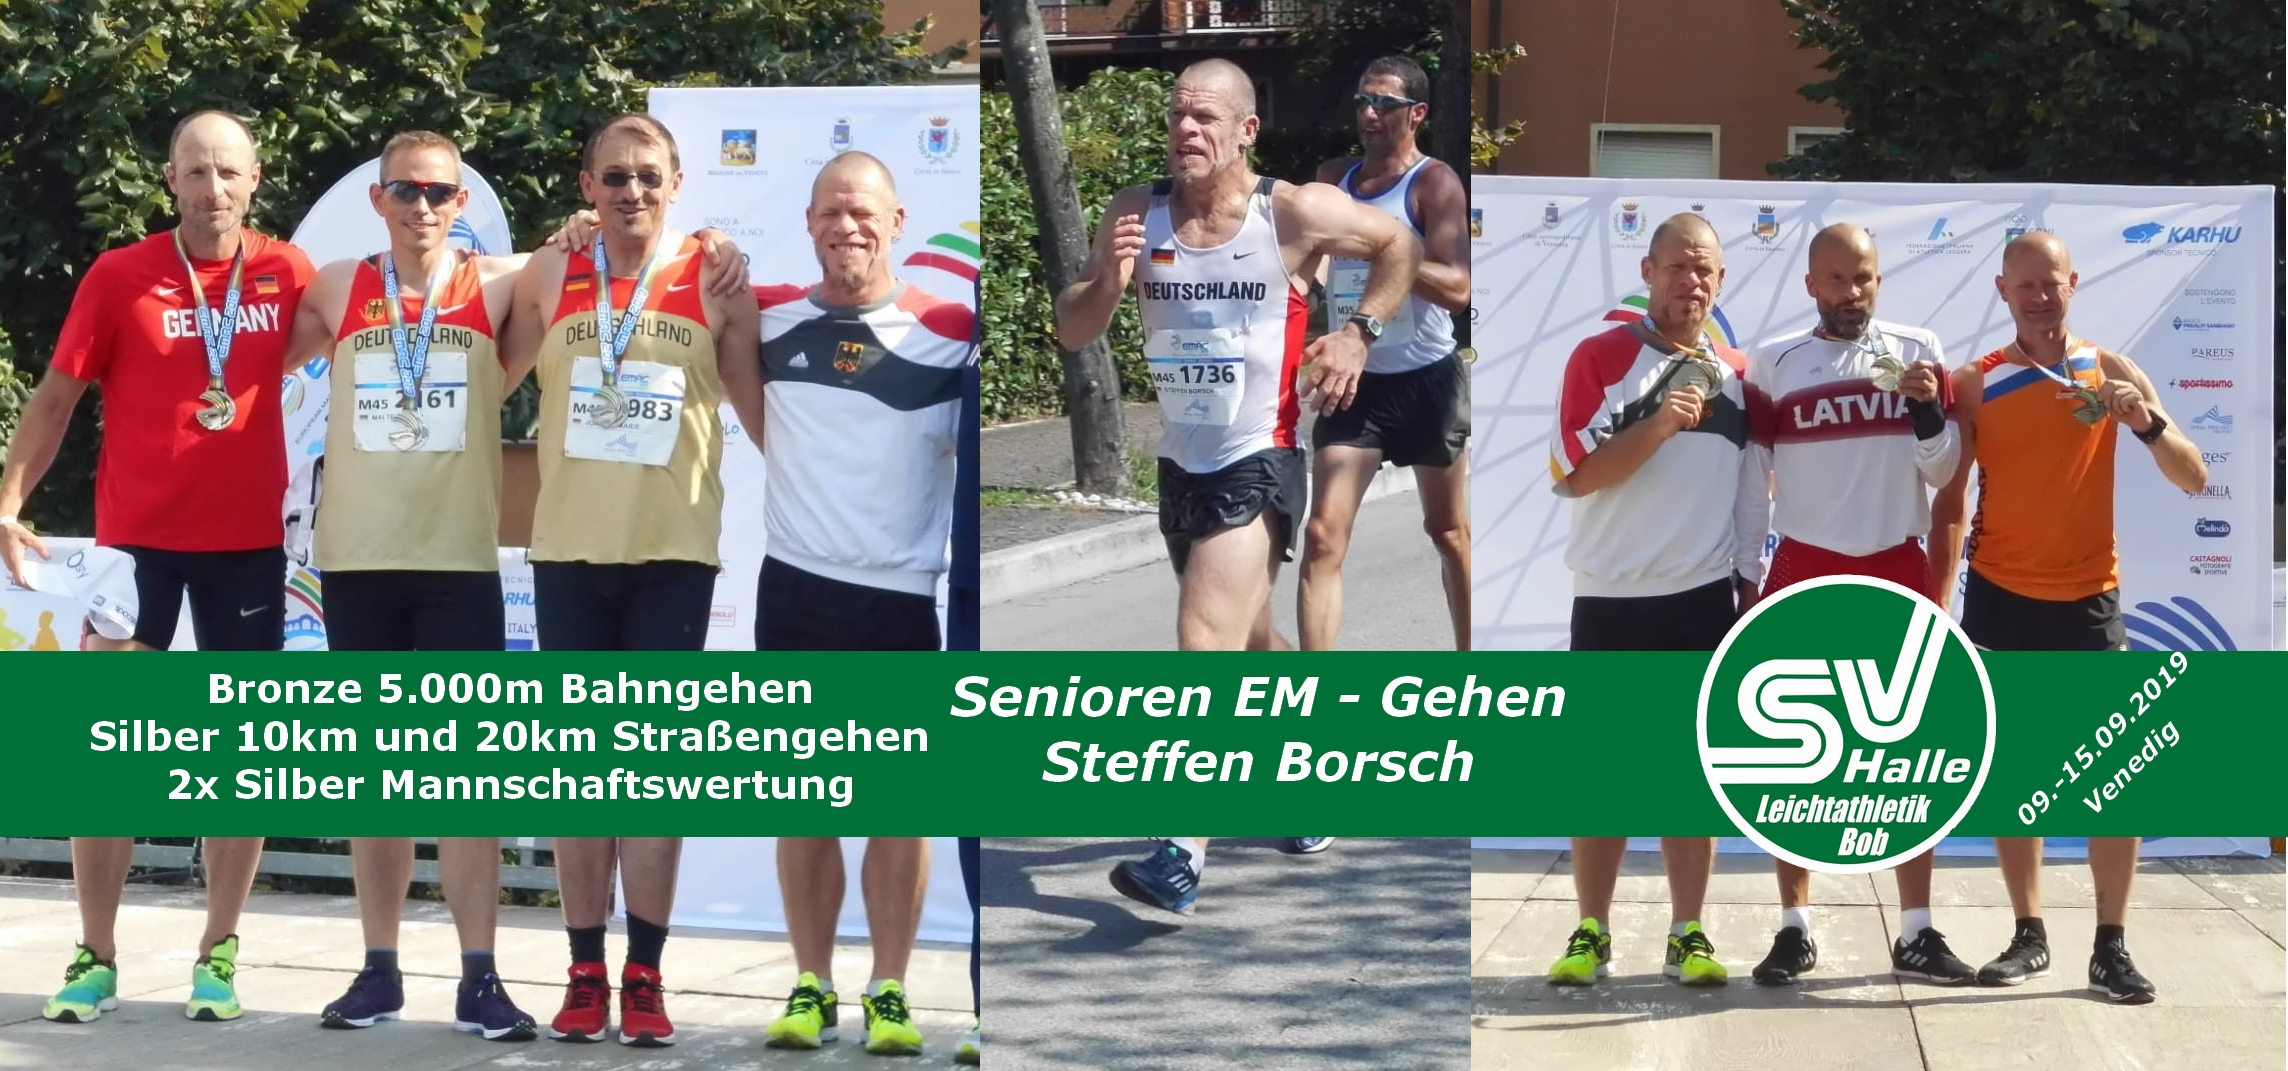 2019.09.15 Senioren EM Steffen Borsch